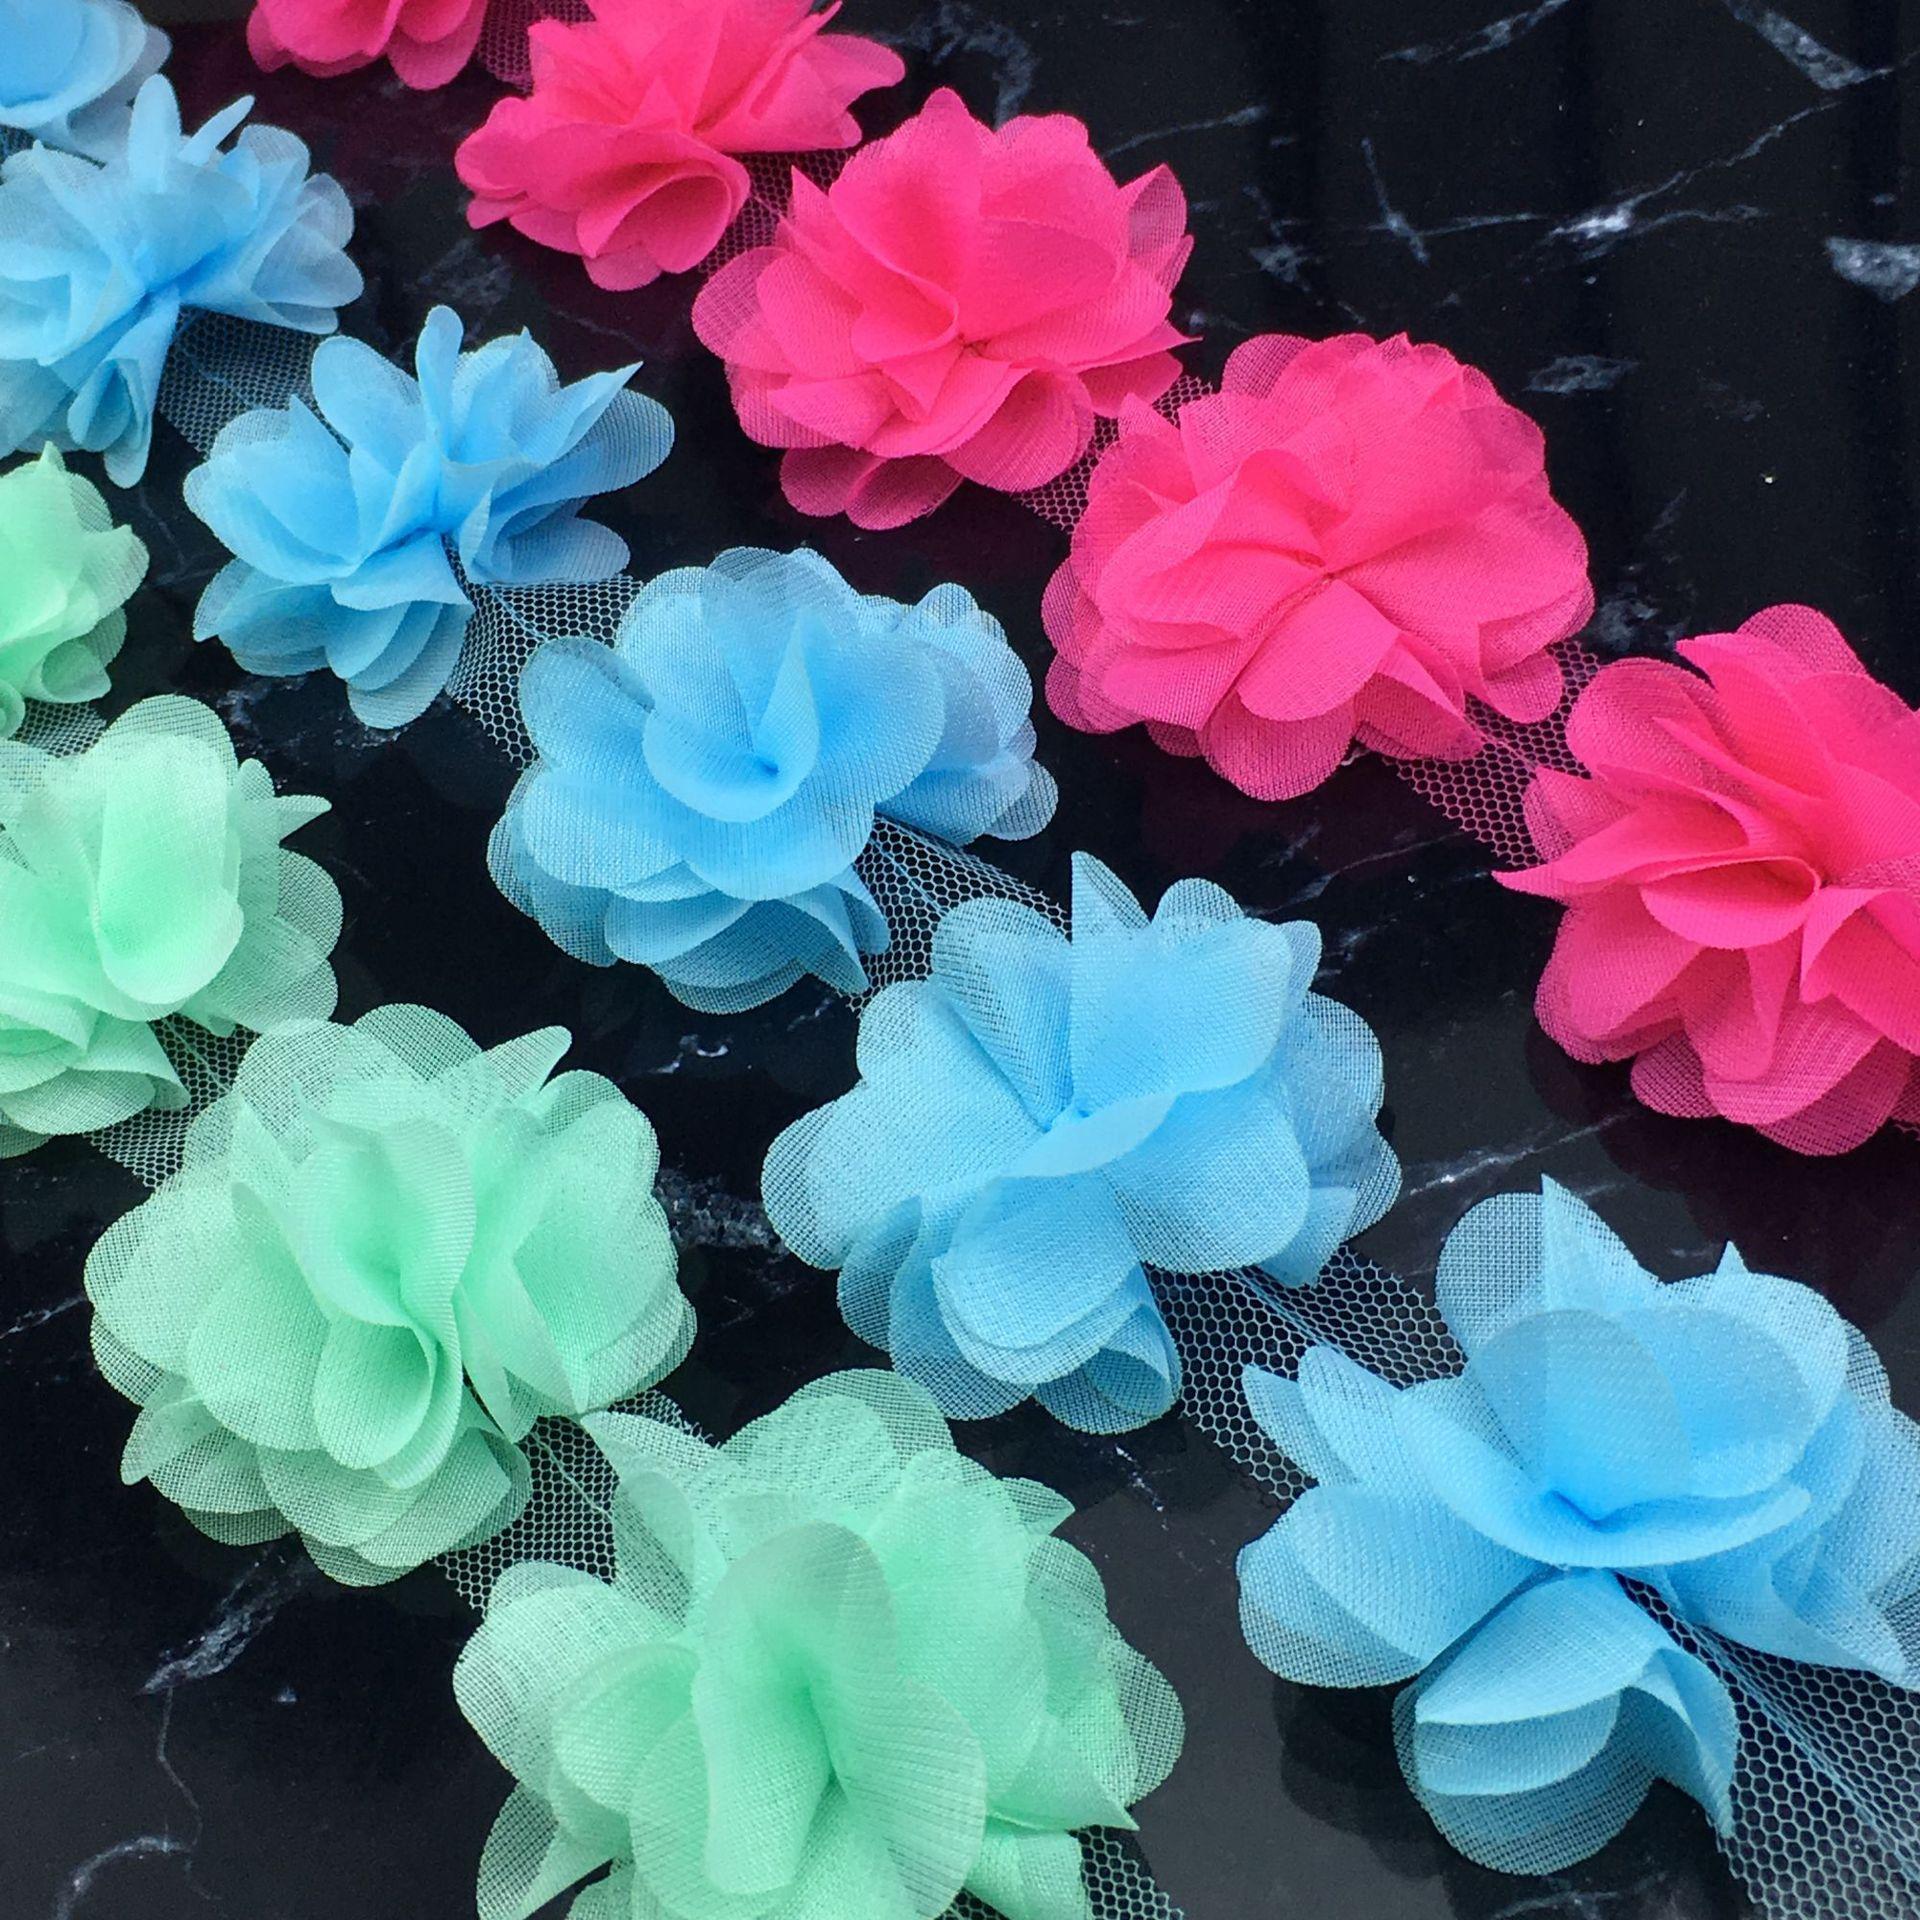 厂家直销 雪纺花边立体花朵 多色现货 diy手工服装辅料配饰